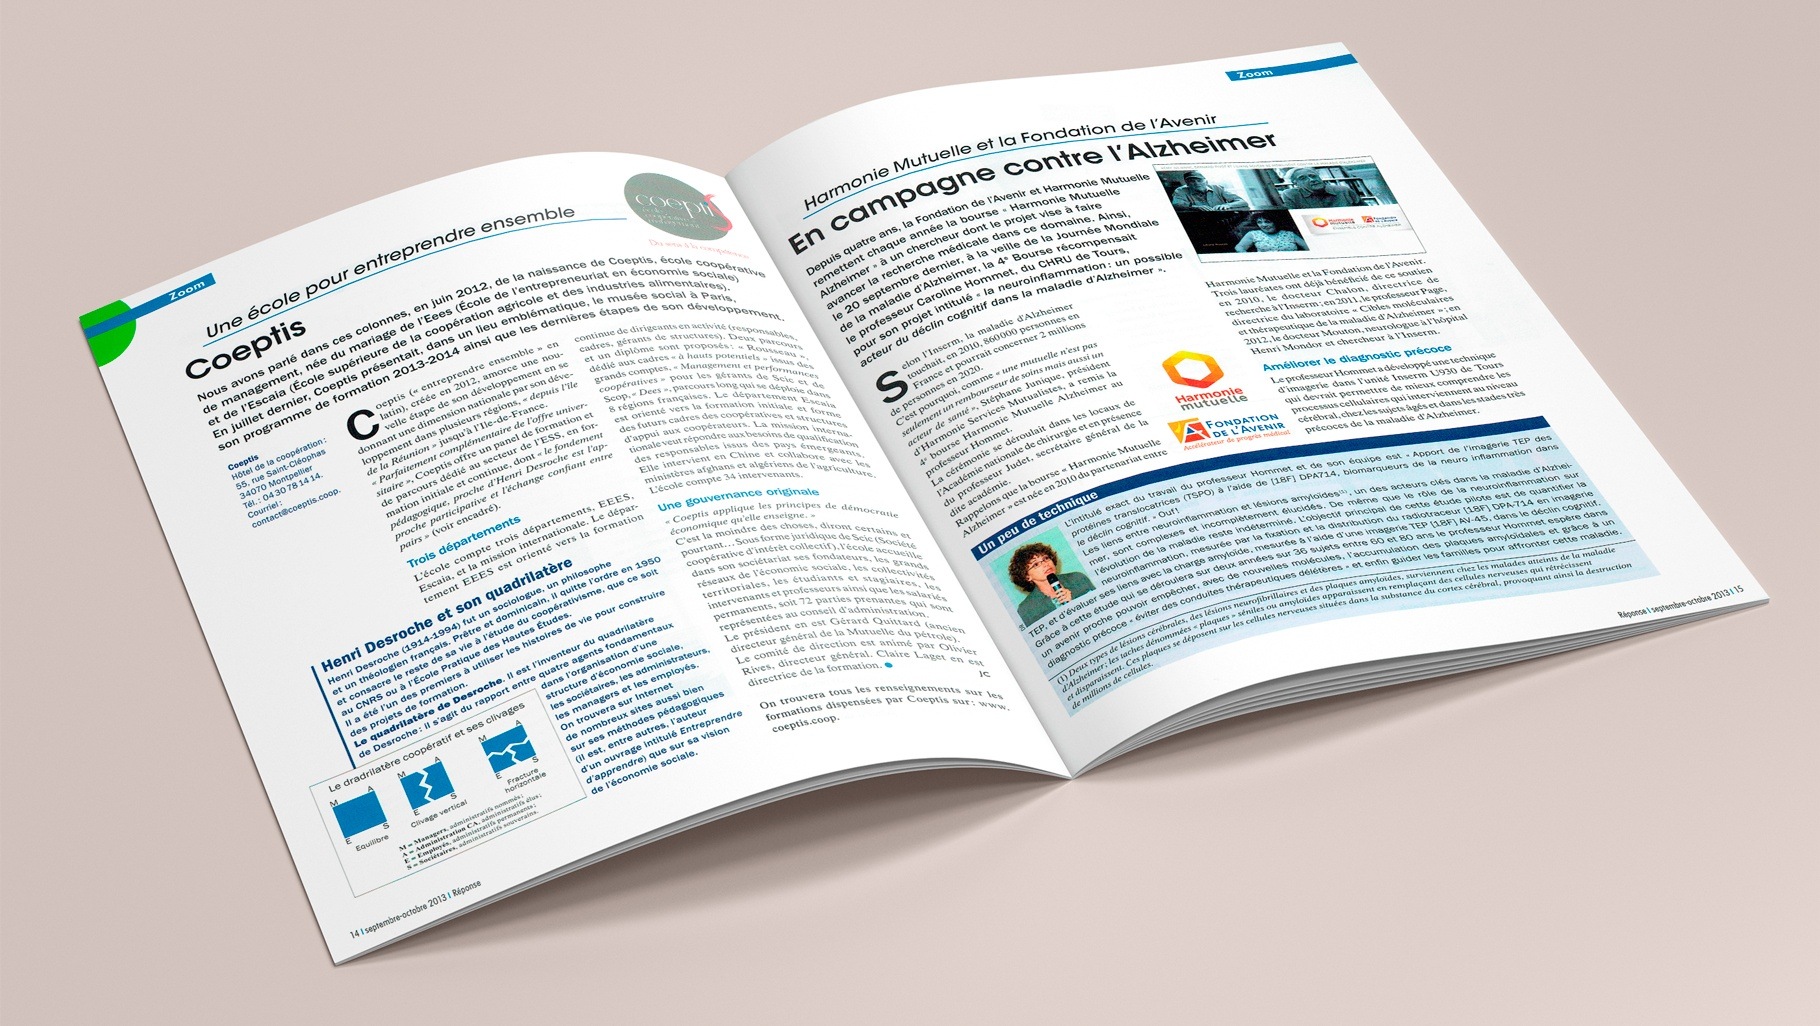 REPONSE Pages Zoom : Article Une école pour entreprendre ensemble. Article : Harmonie Mutuelle et la Fondation de l'Avenir